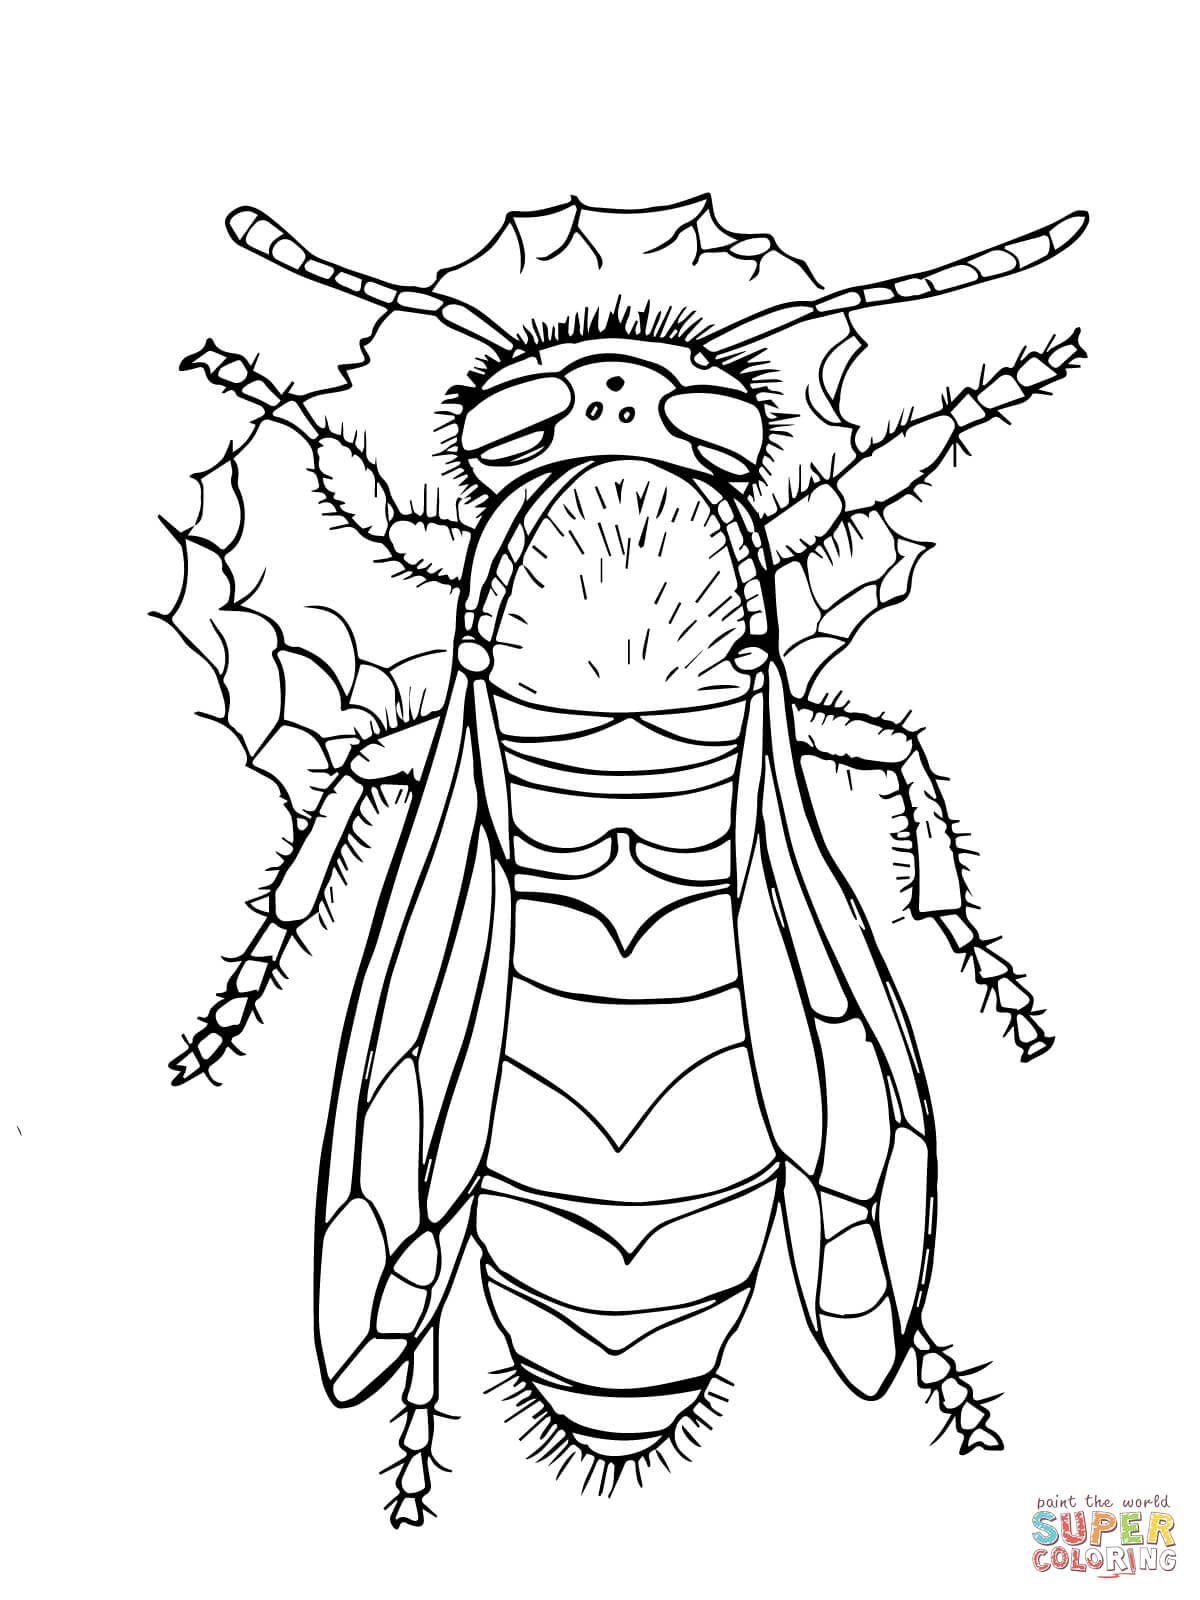 Ausmalbild: Europäische Wespe. Kategorien: Wespe